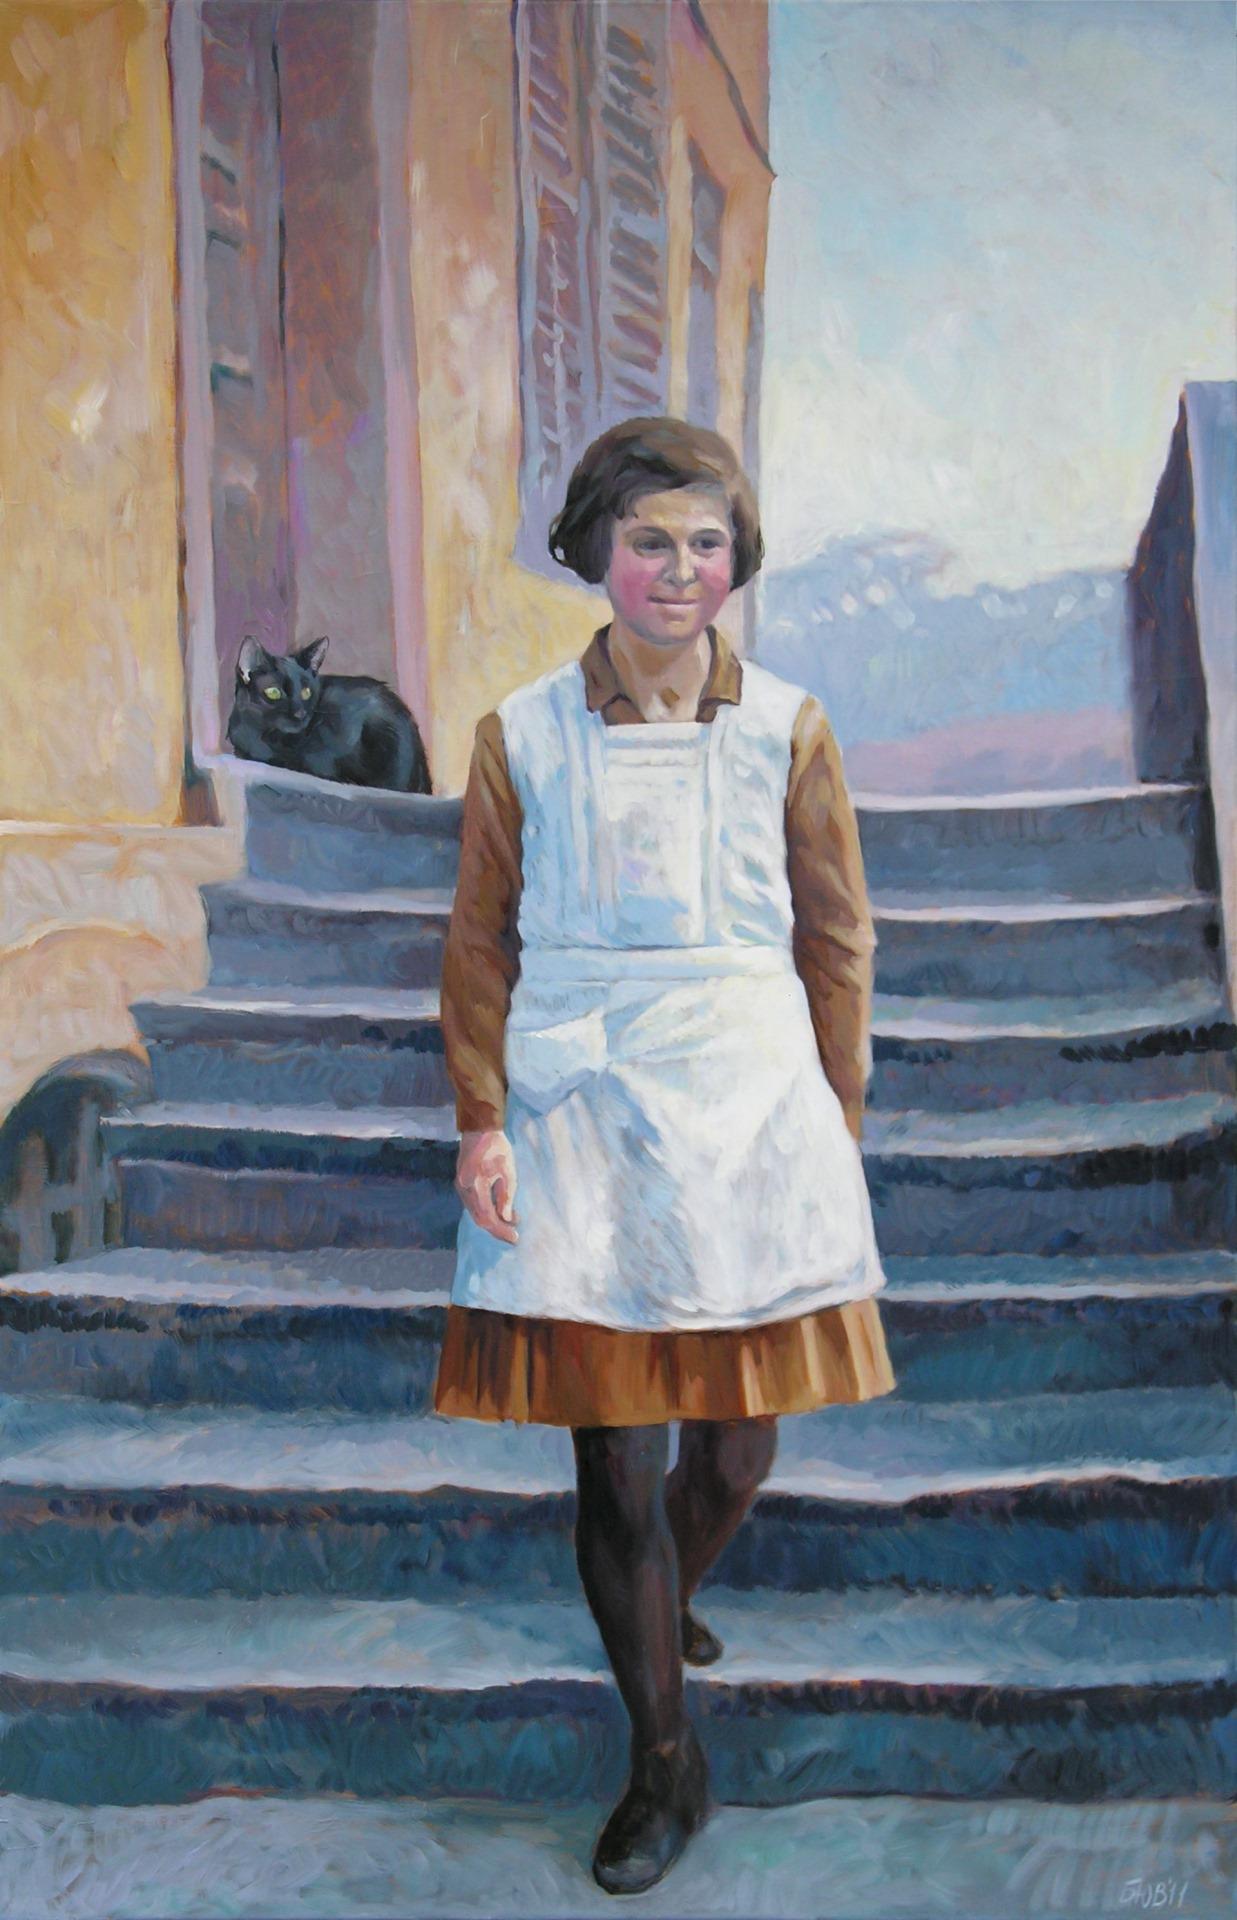 Gemälde von Julia Belot: Liesel auf der Treppe, Öl auf Leinwand, 160 cm x 100 cm, 2011